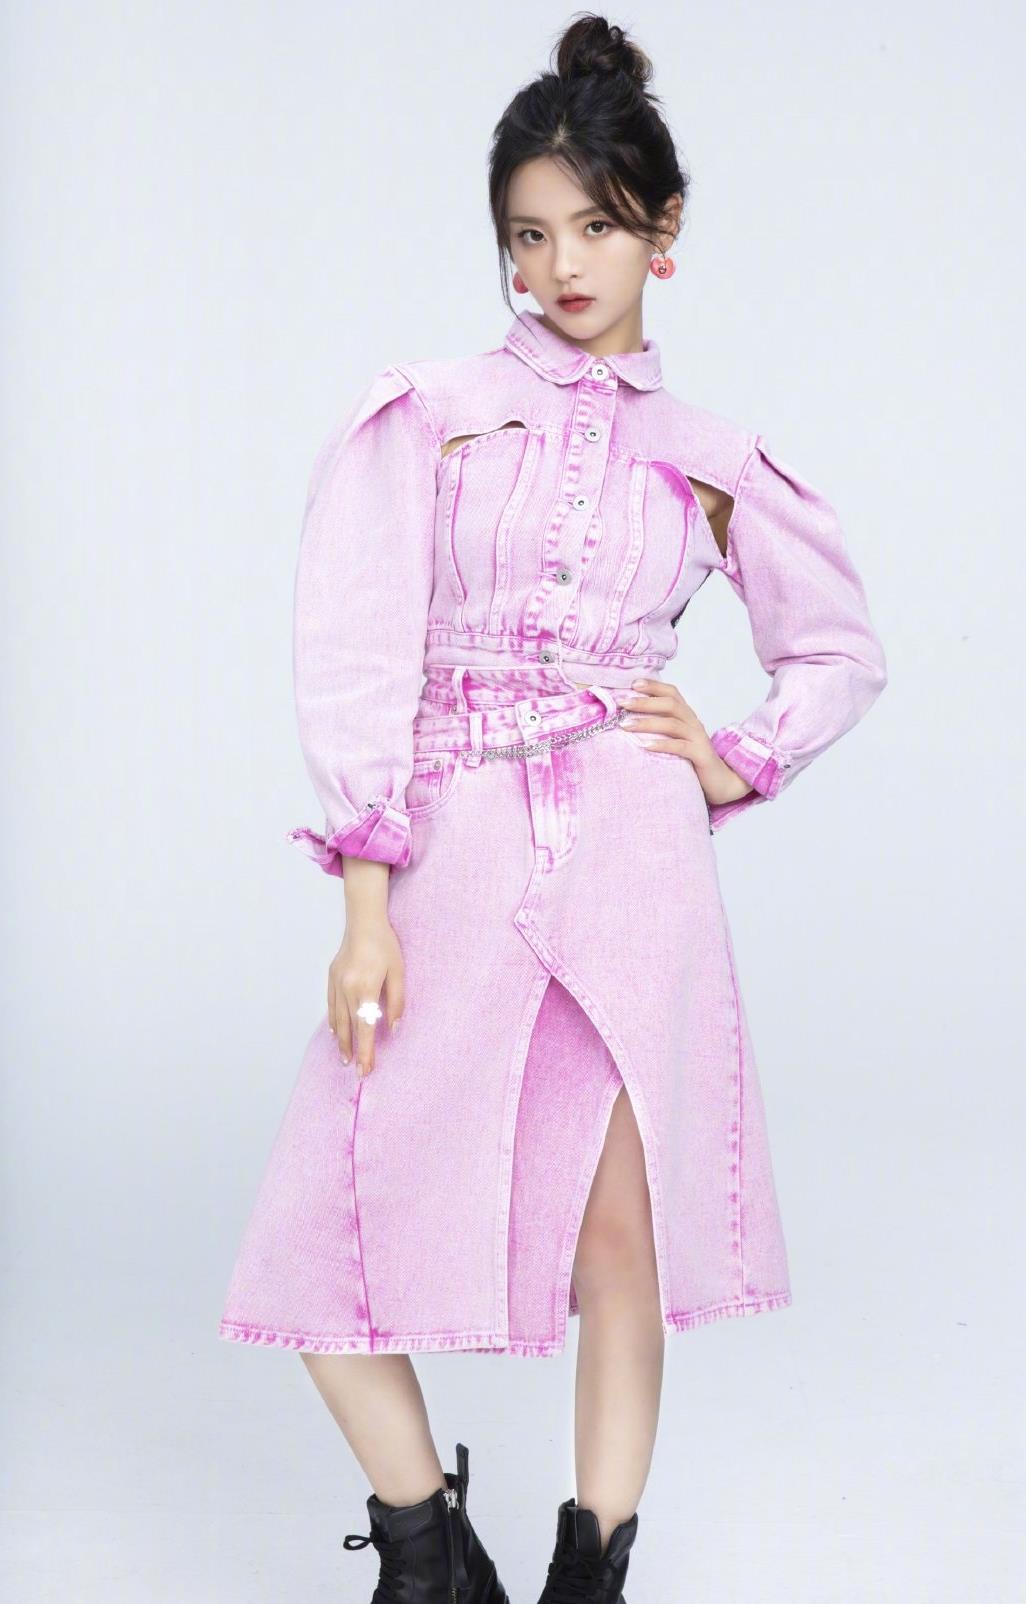 21岁杨超越古灵精怪,一身紫色牛仔裙现直播间,甜酷女孩飒美风